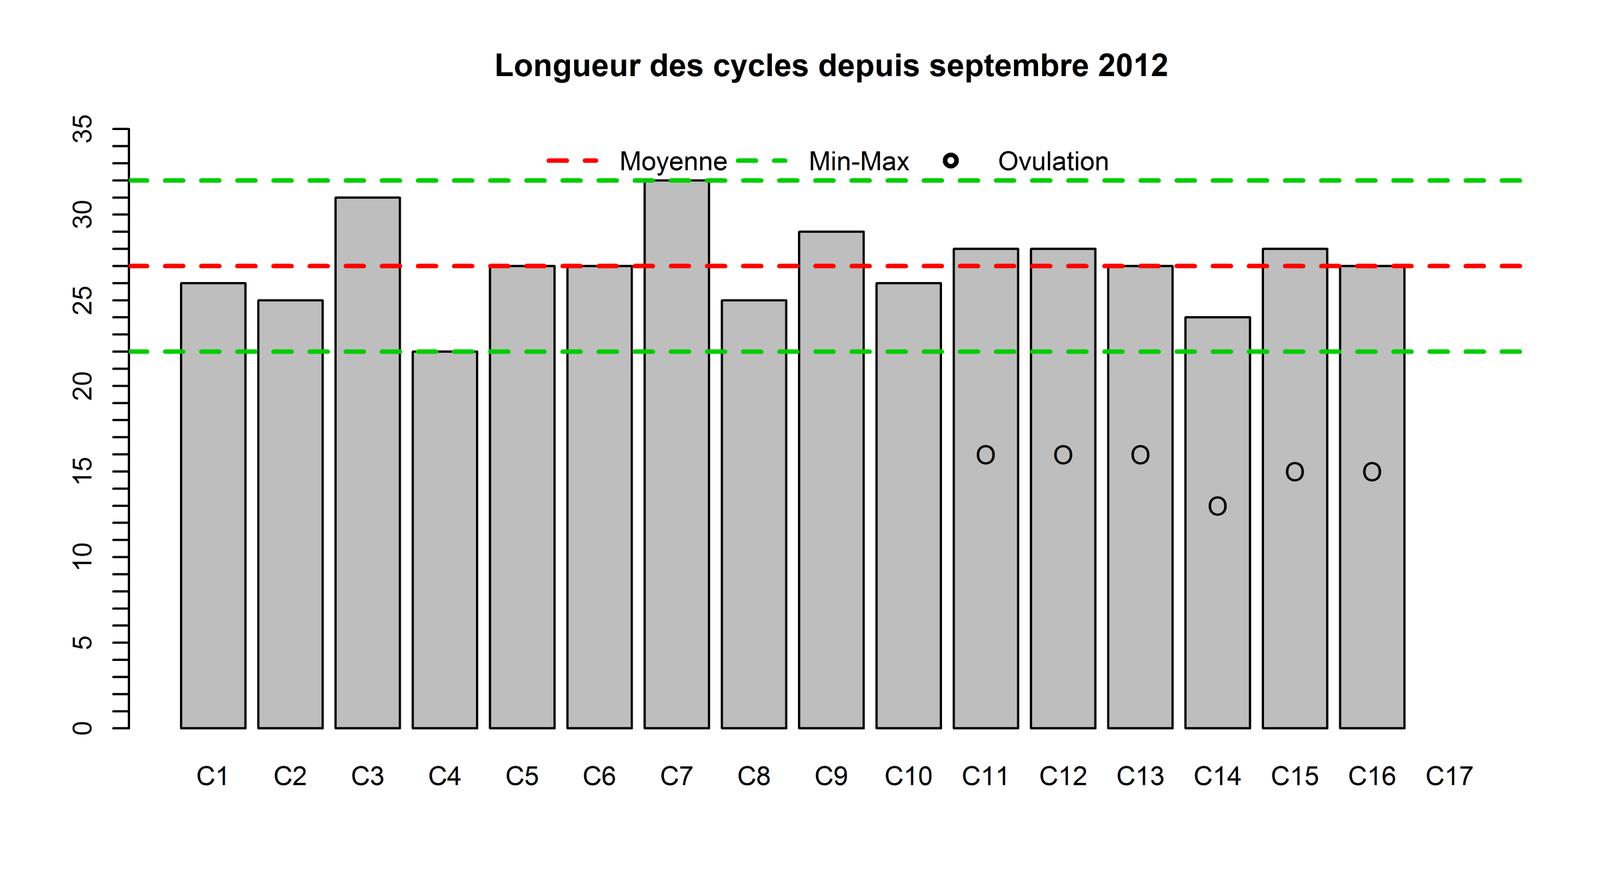 Longueurs de cycles et  jours d'ovulation (tests d'ovulation commencés il y a 6 mois seulement)